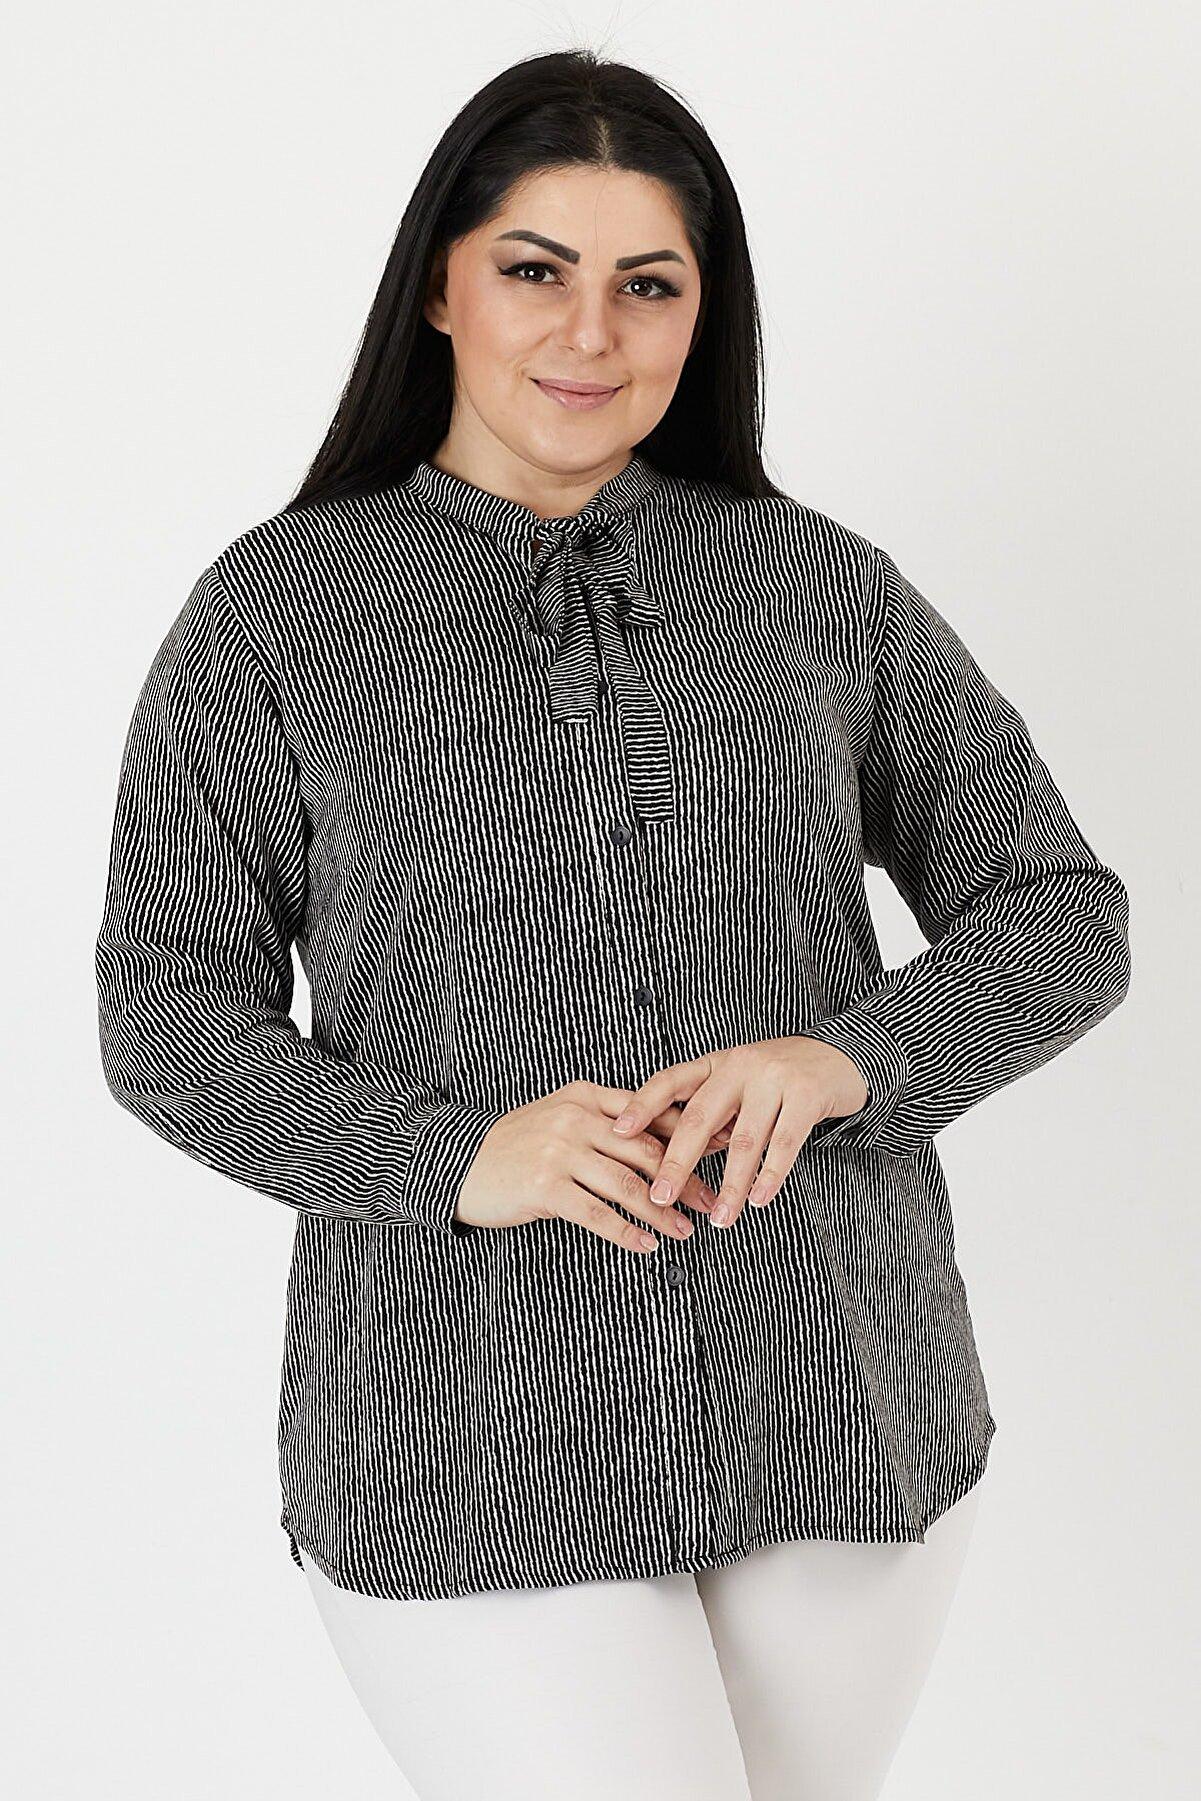 VAV Kadın Büyük Beden Gömlek Çizgili Dalga Desenli Kravatlı